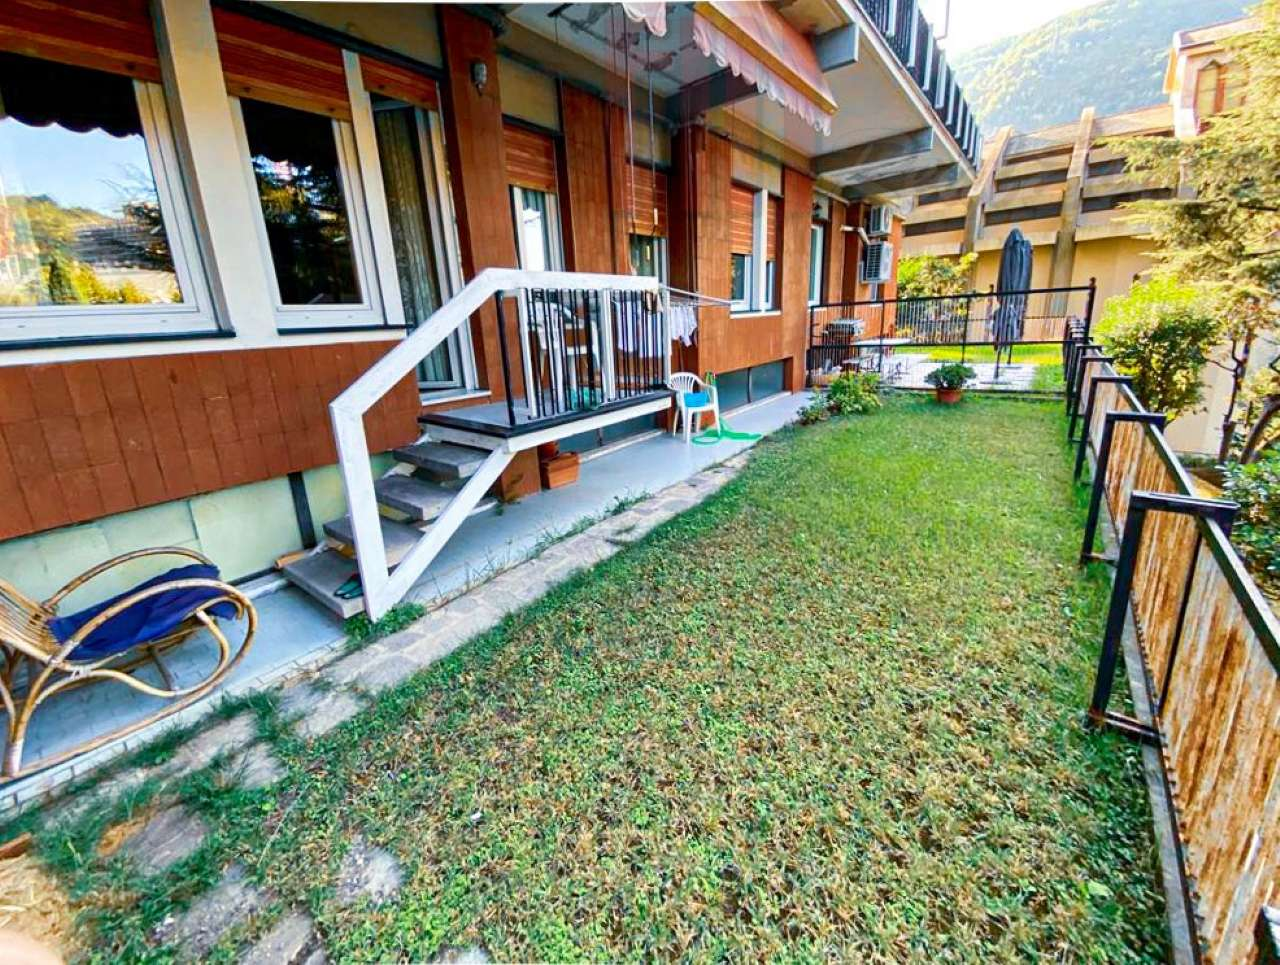 Appartamento in vendita a Genova, 2 locali, prezzo € 110.000 | PortaleAgenzieImmobiliari.it